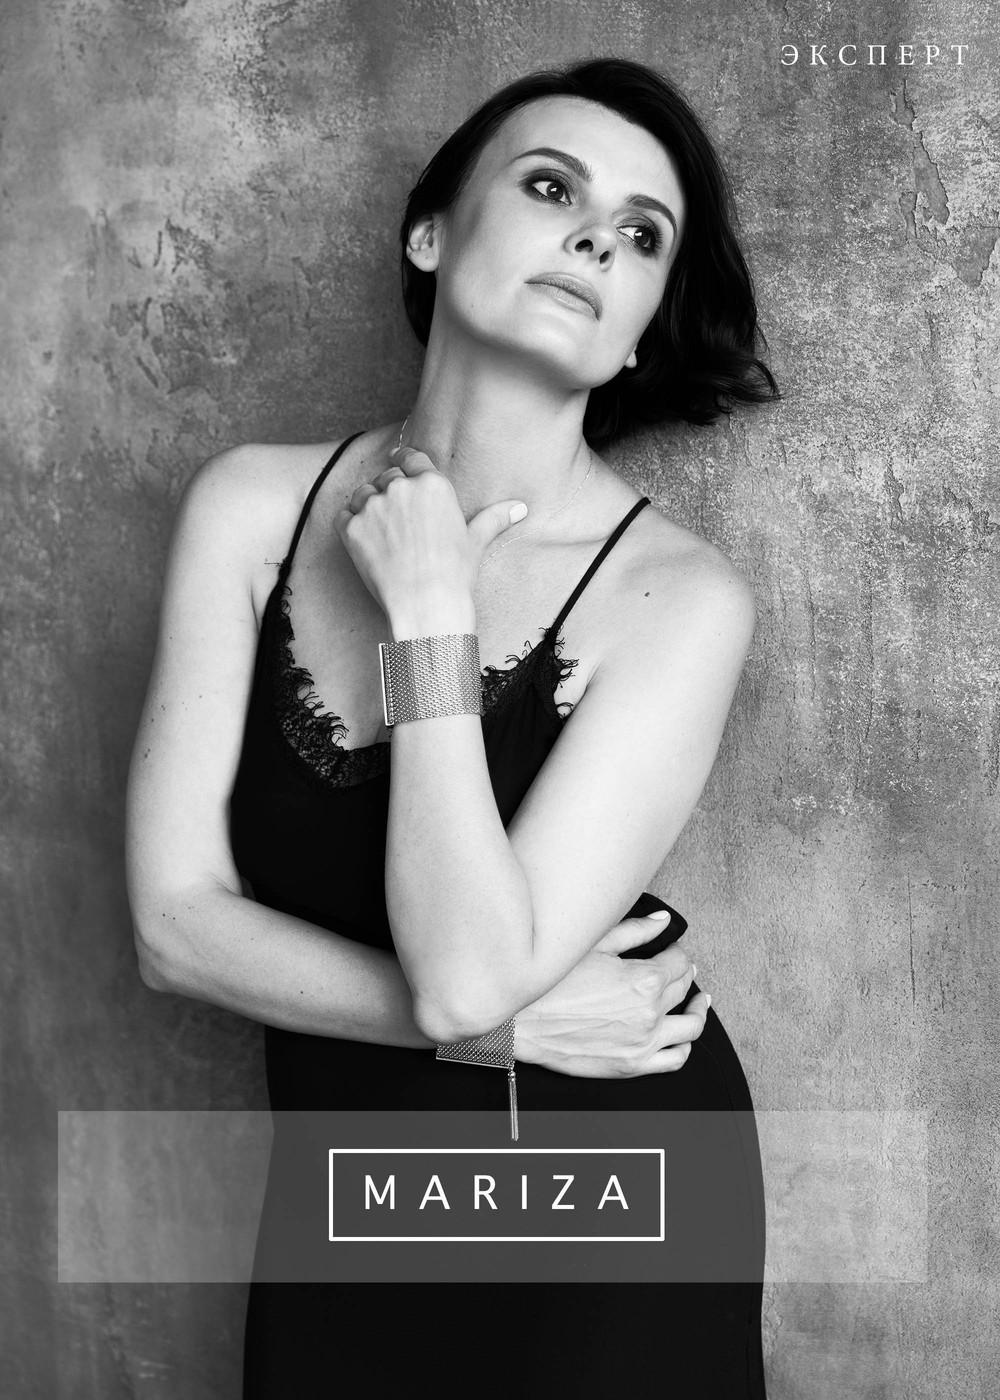 Марина Паскуаль, интернет магазин